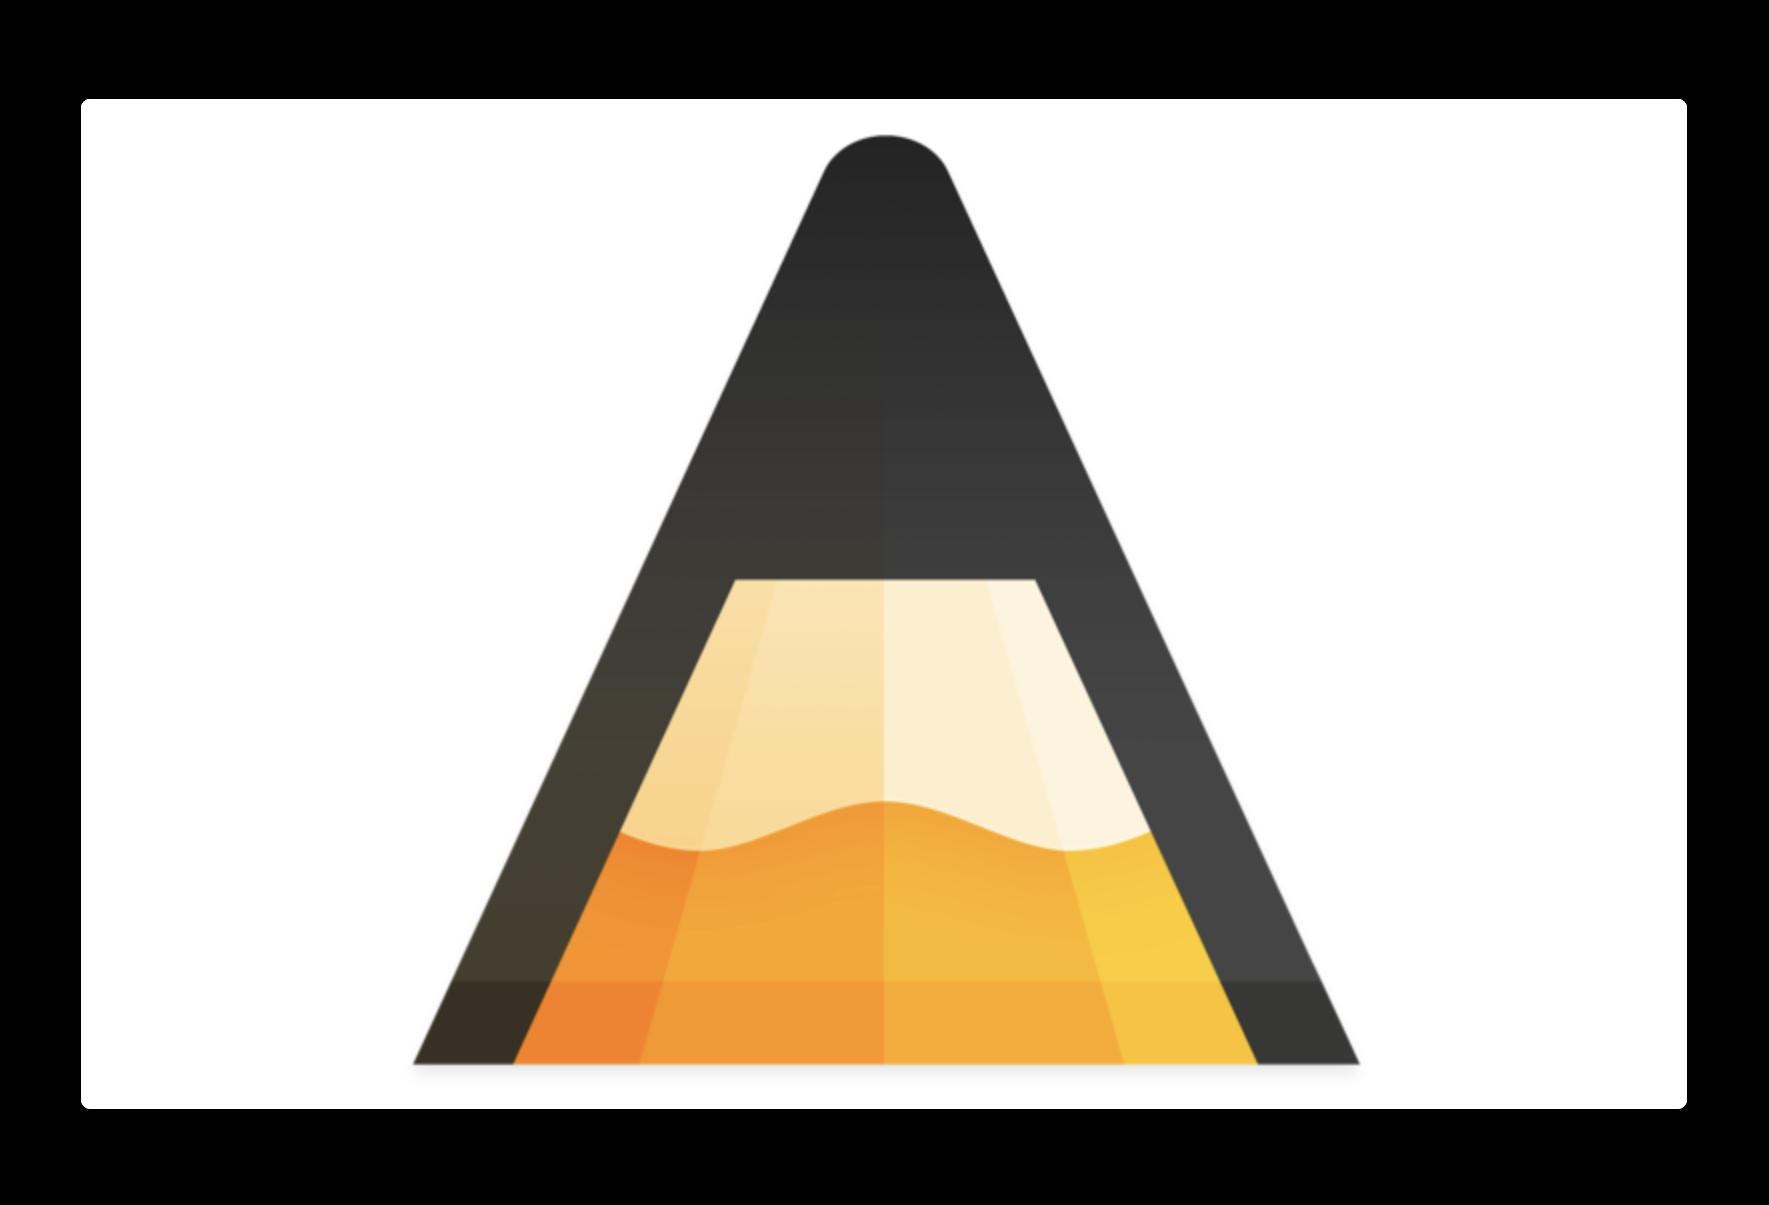 【Mac】メモをタイムラインで整理する「Agenda」、バージョンアップでFantasticalとBusyCalを開くためのサポートを追加